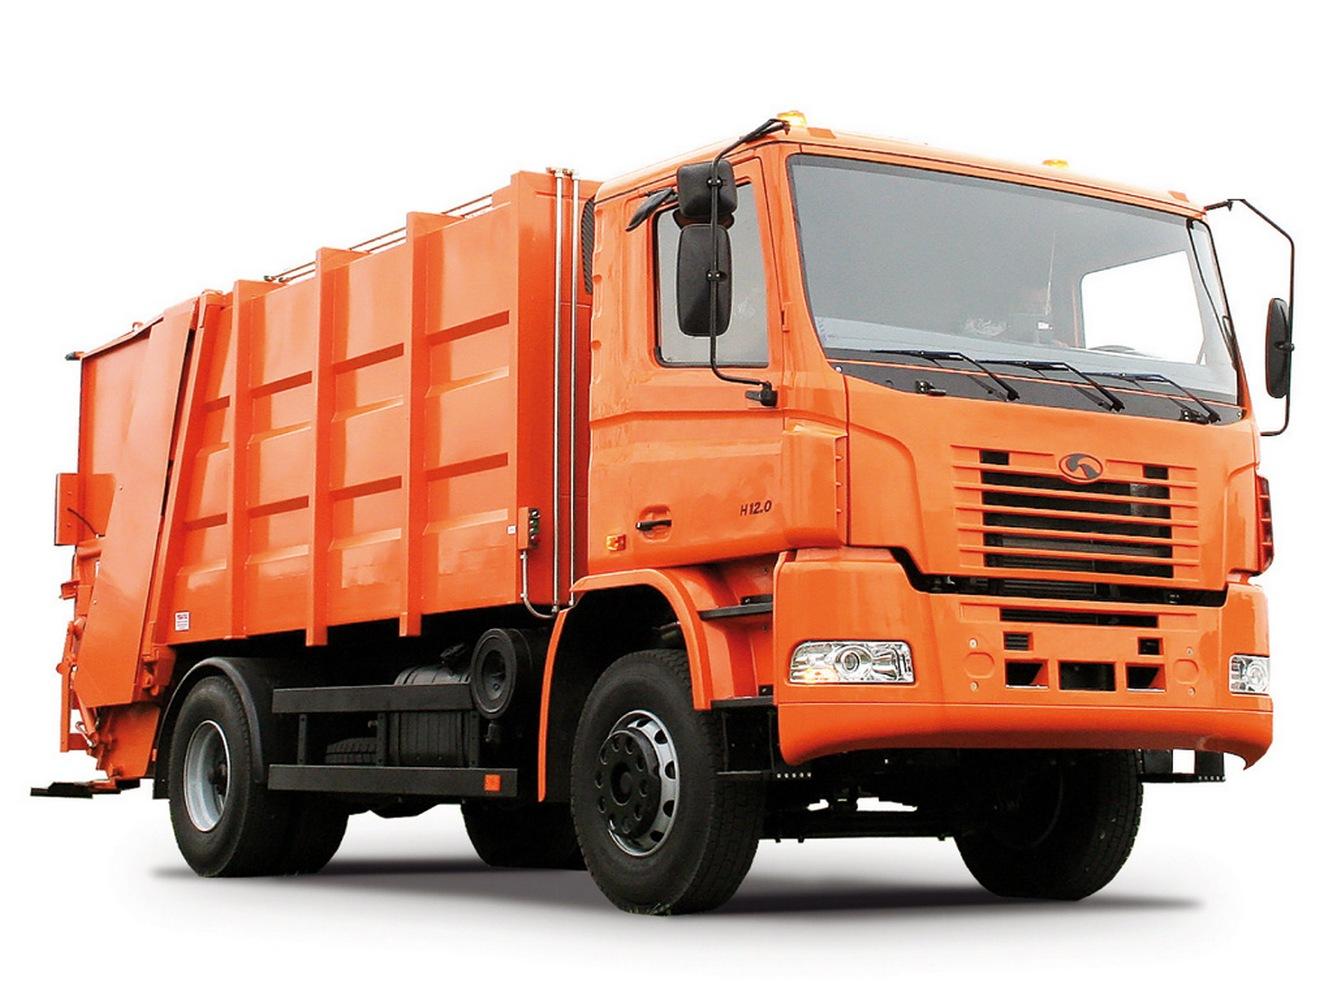 машина для траснспортировки отходов